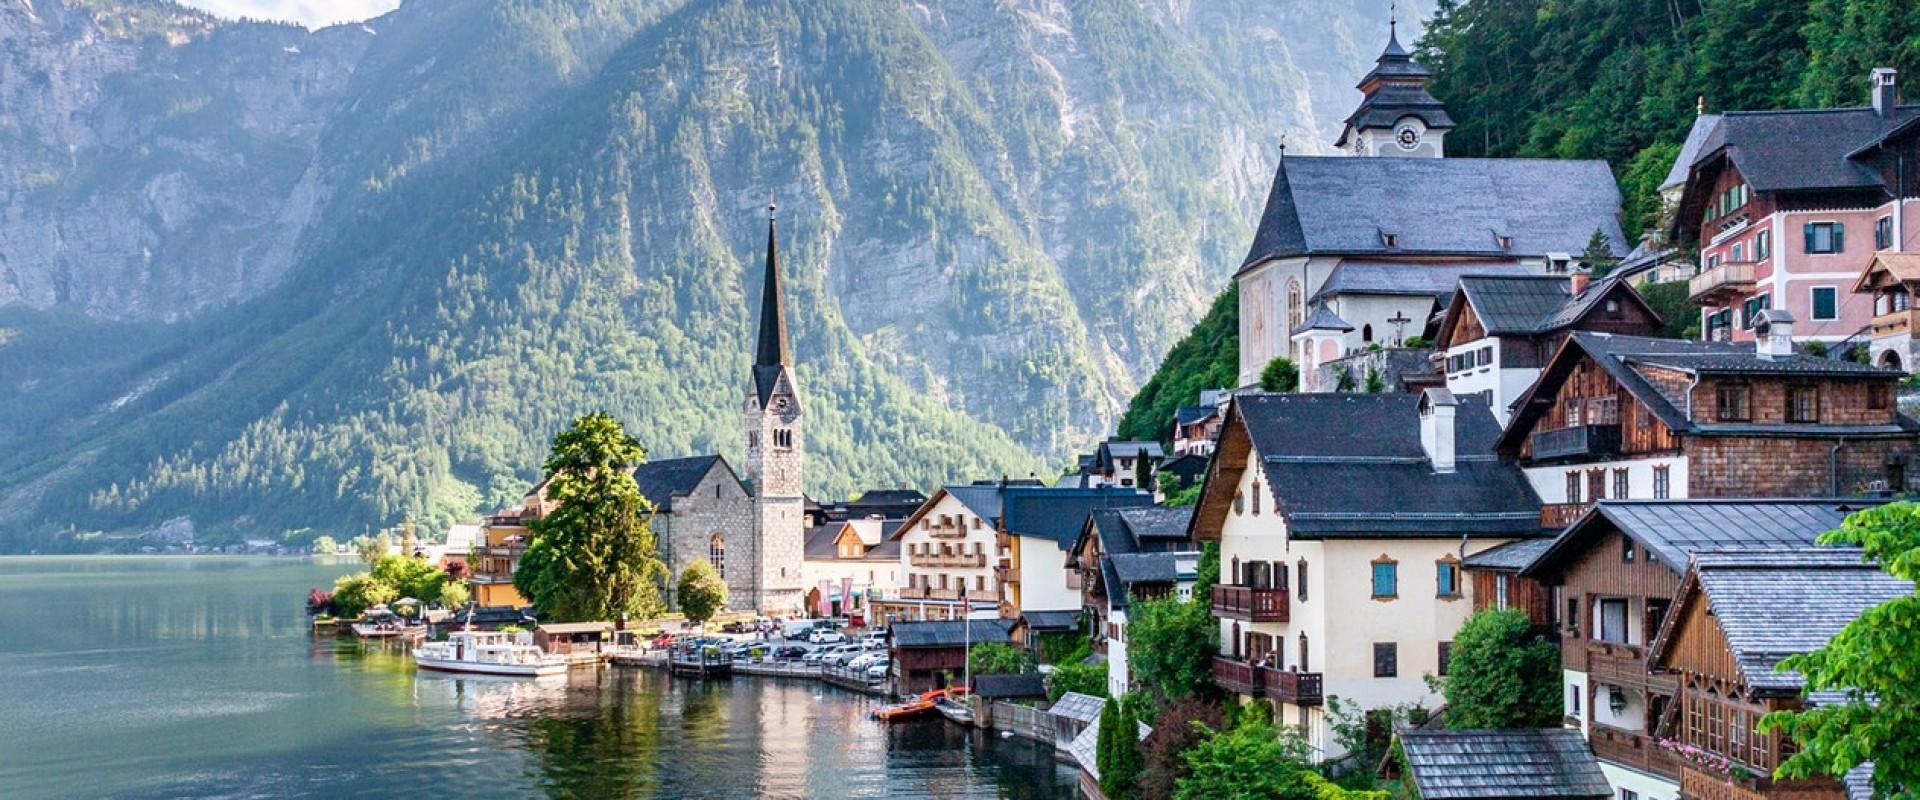 Huis verkopen in Oostenrijk